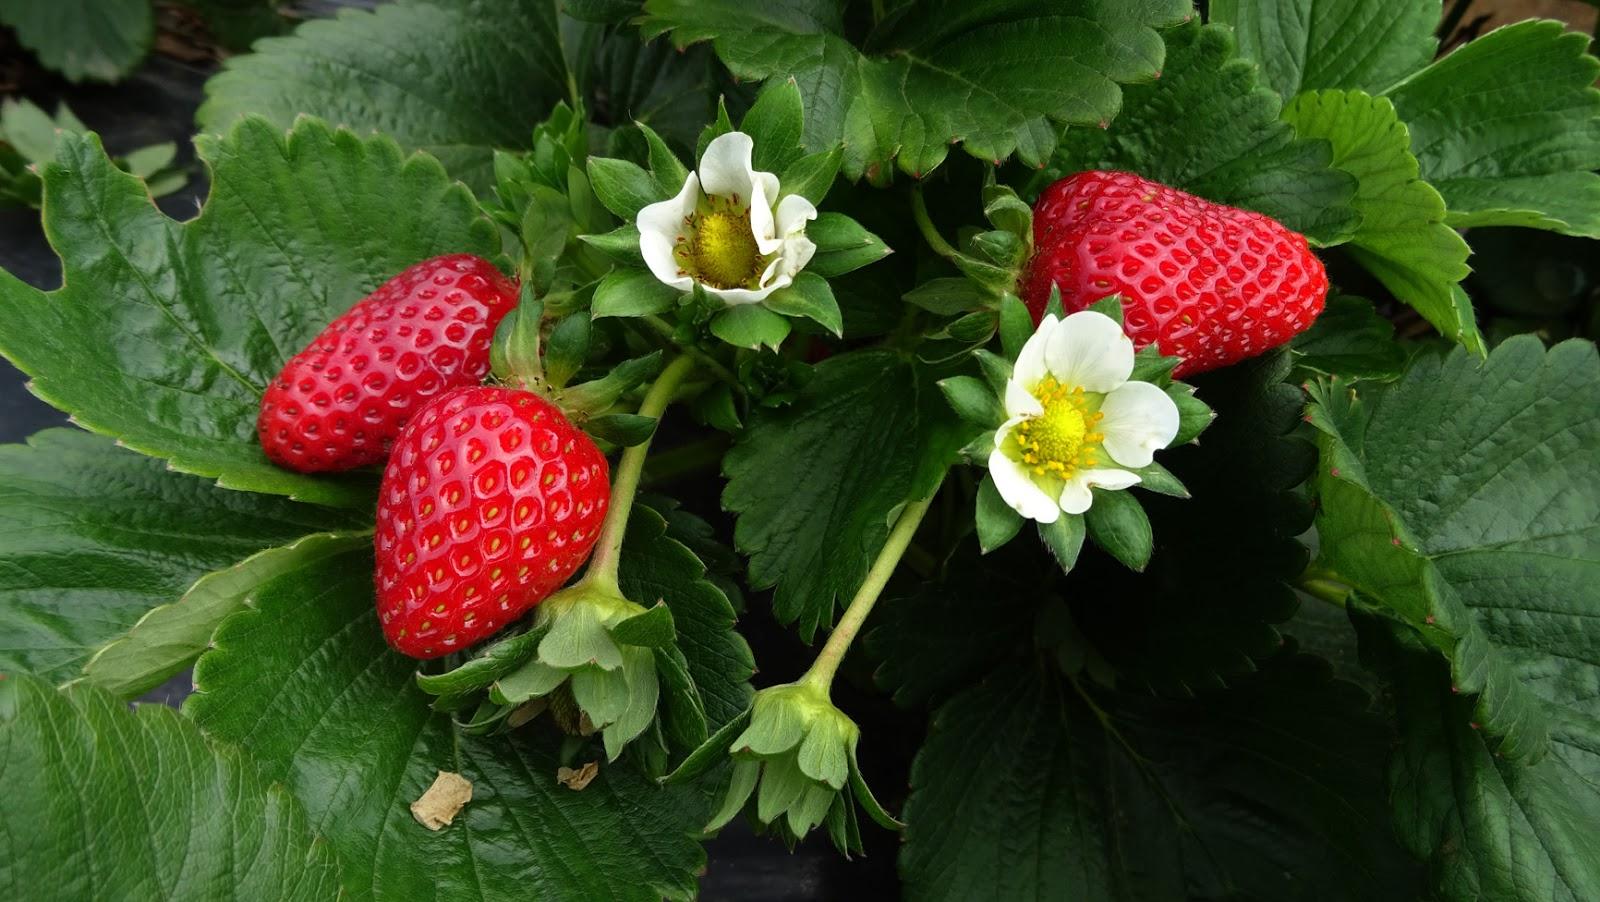 Strawberry season dates in Melbourne